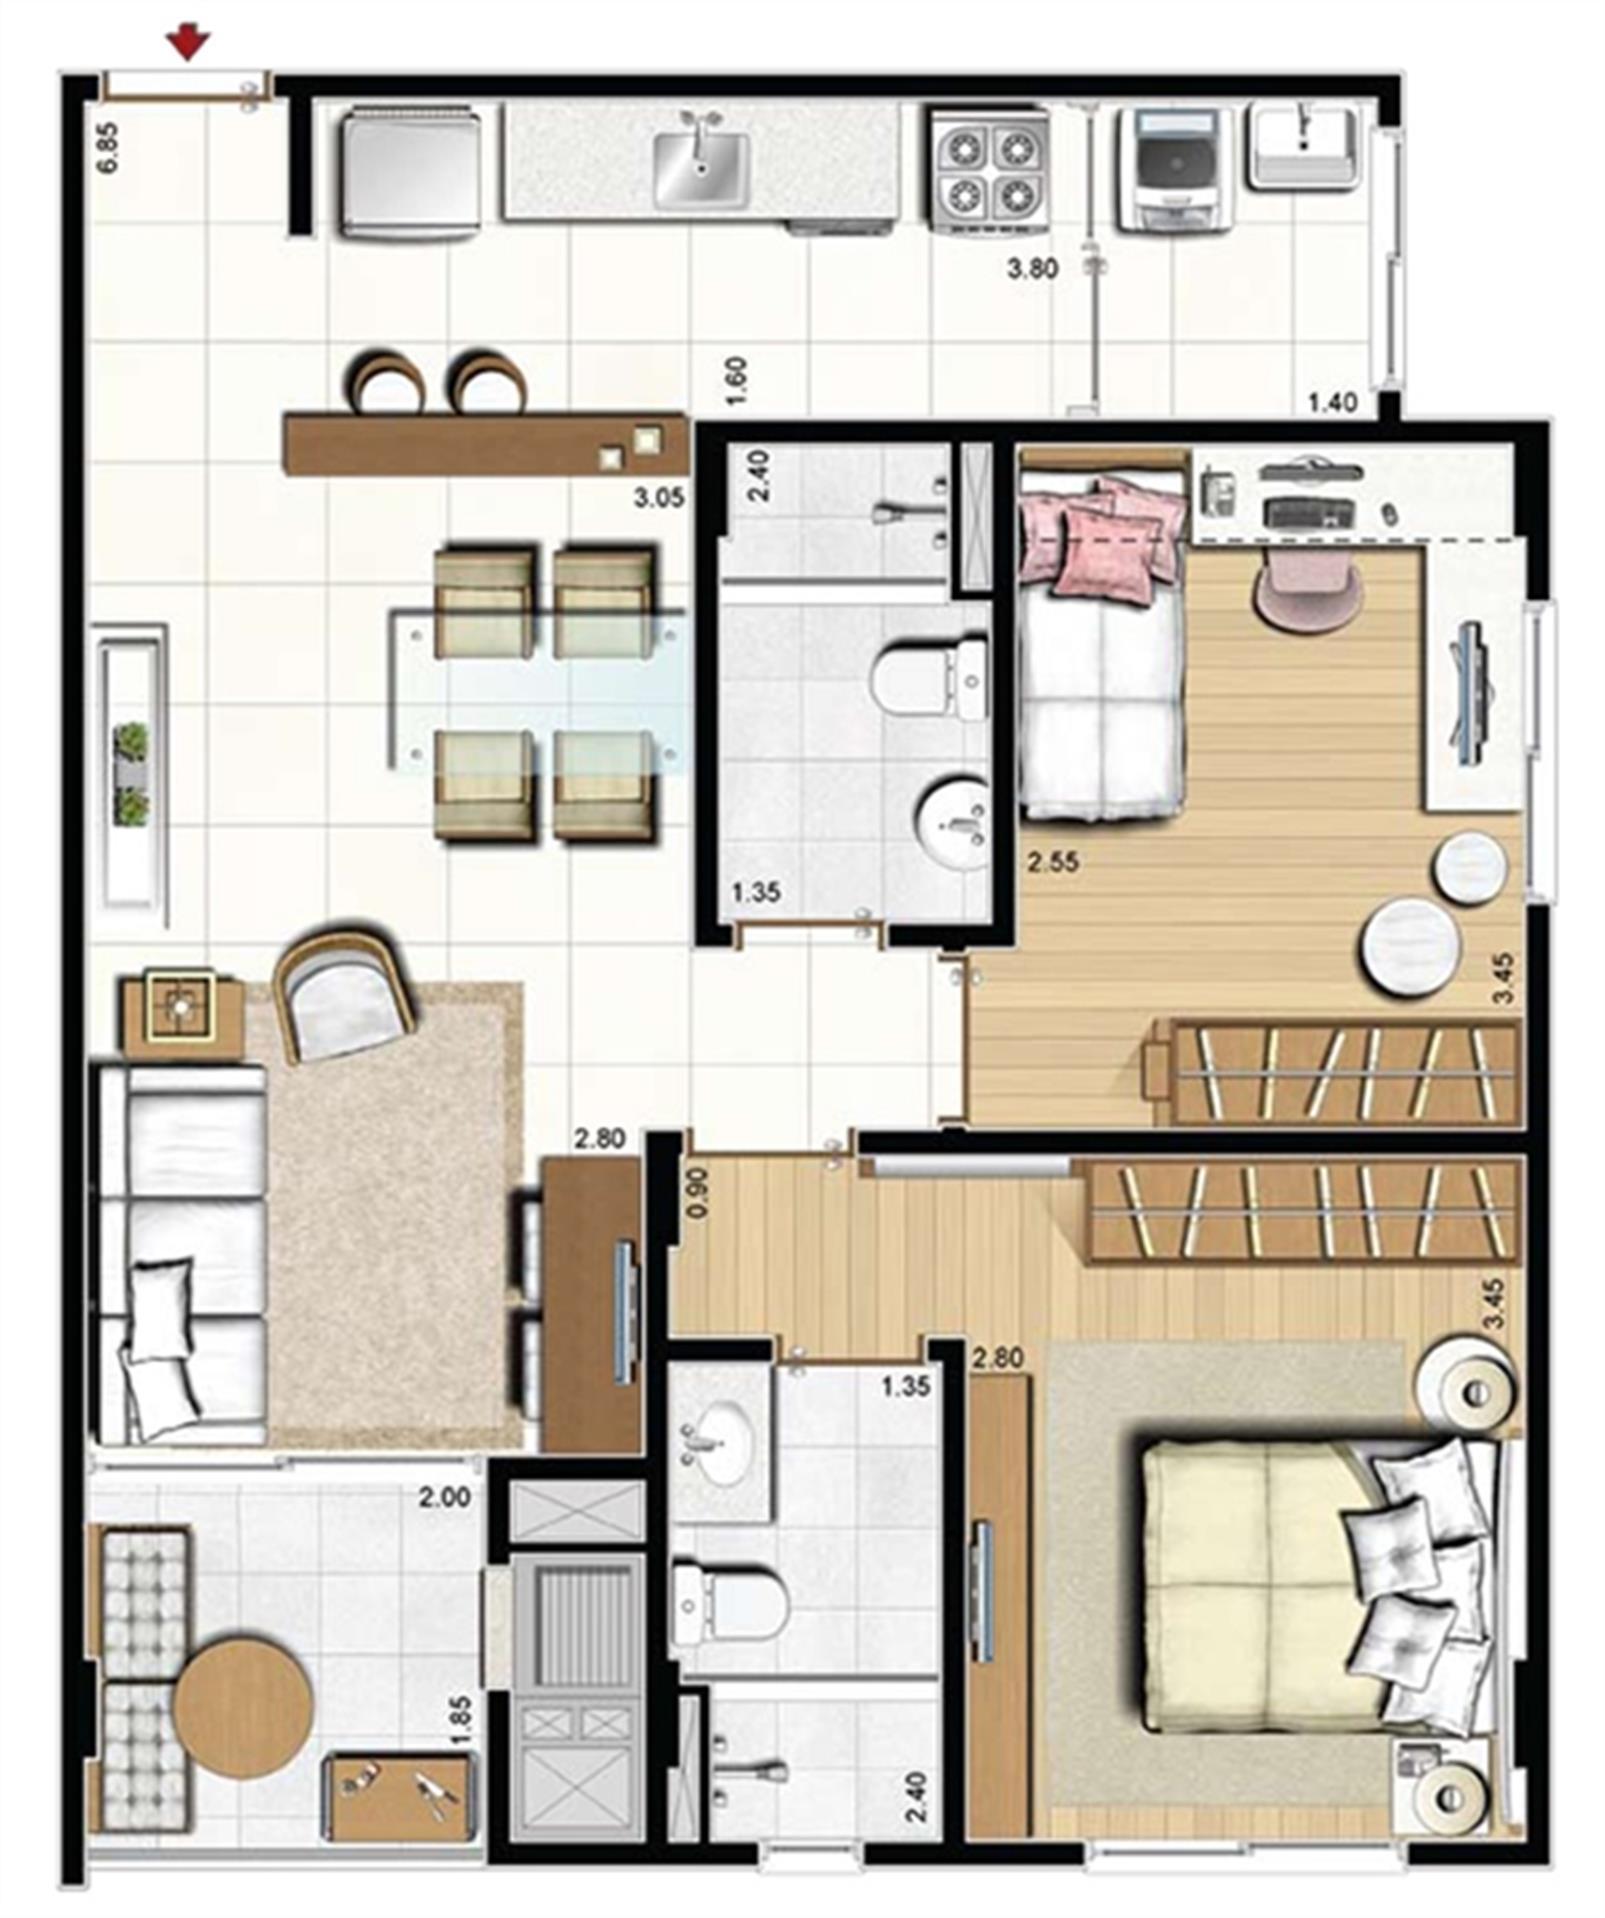 Opção living estendido - 66 m² privativos - Torre Mirante | Cennario Santa Catarina – Apartamentona  Praia Comprida - São José - Santa Catarina